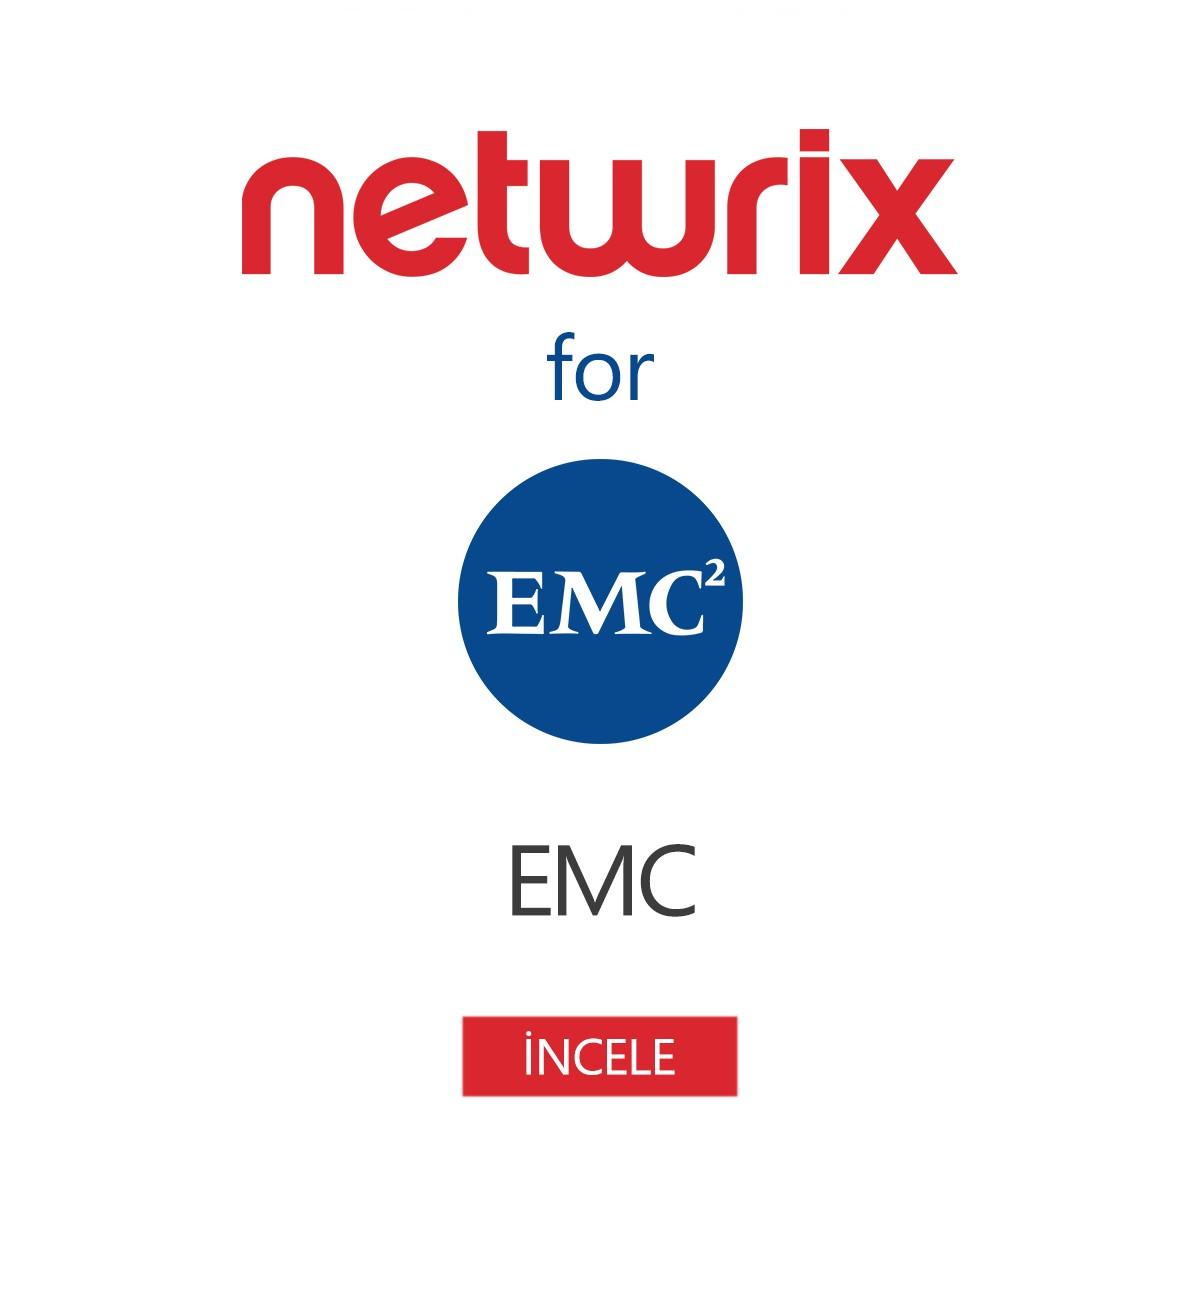 Netwrix Auditor for EMC